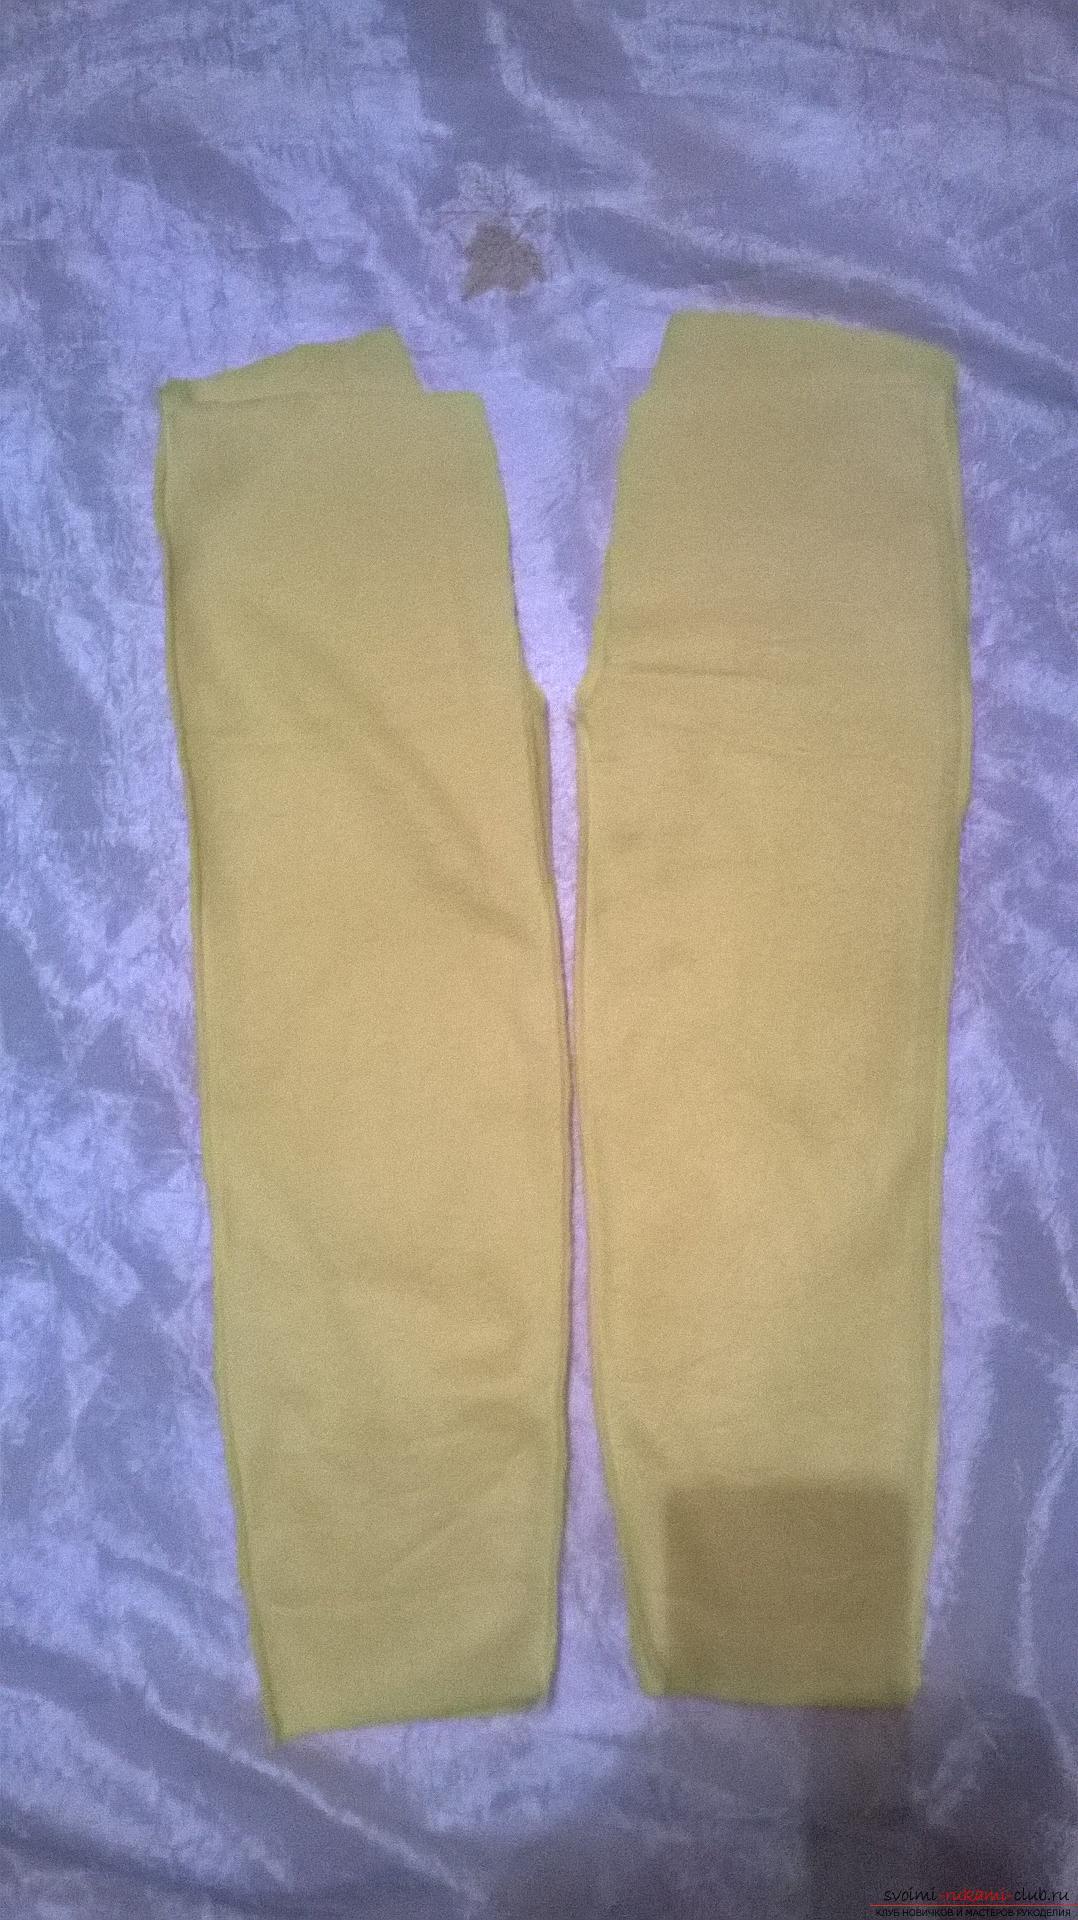 Подробный мастер-класс научит как сшить штаны для ребенка своими руками быстро и просто, без выкройки.. Фото №4